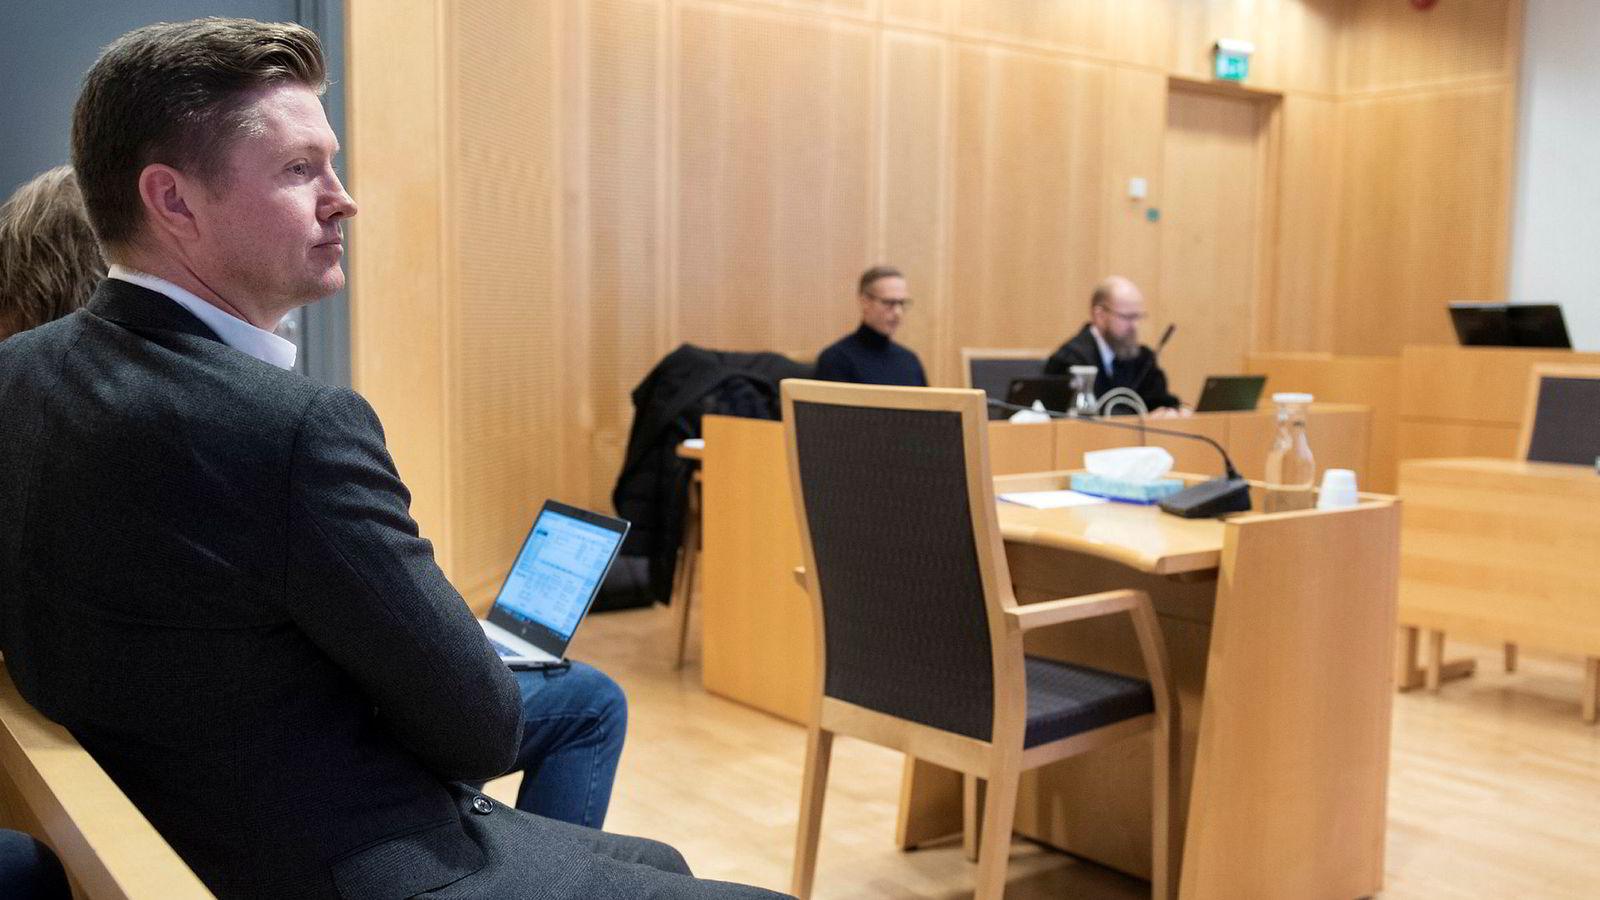 Var Magnus Reitan, til venstre, involvert i konflikten med markedssjefen eller ikke? Det mener saksøker Jan Yngve Holen, i midten.